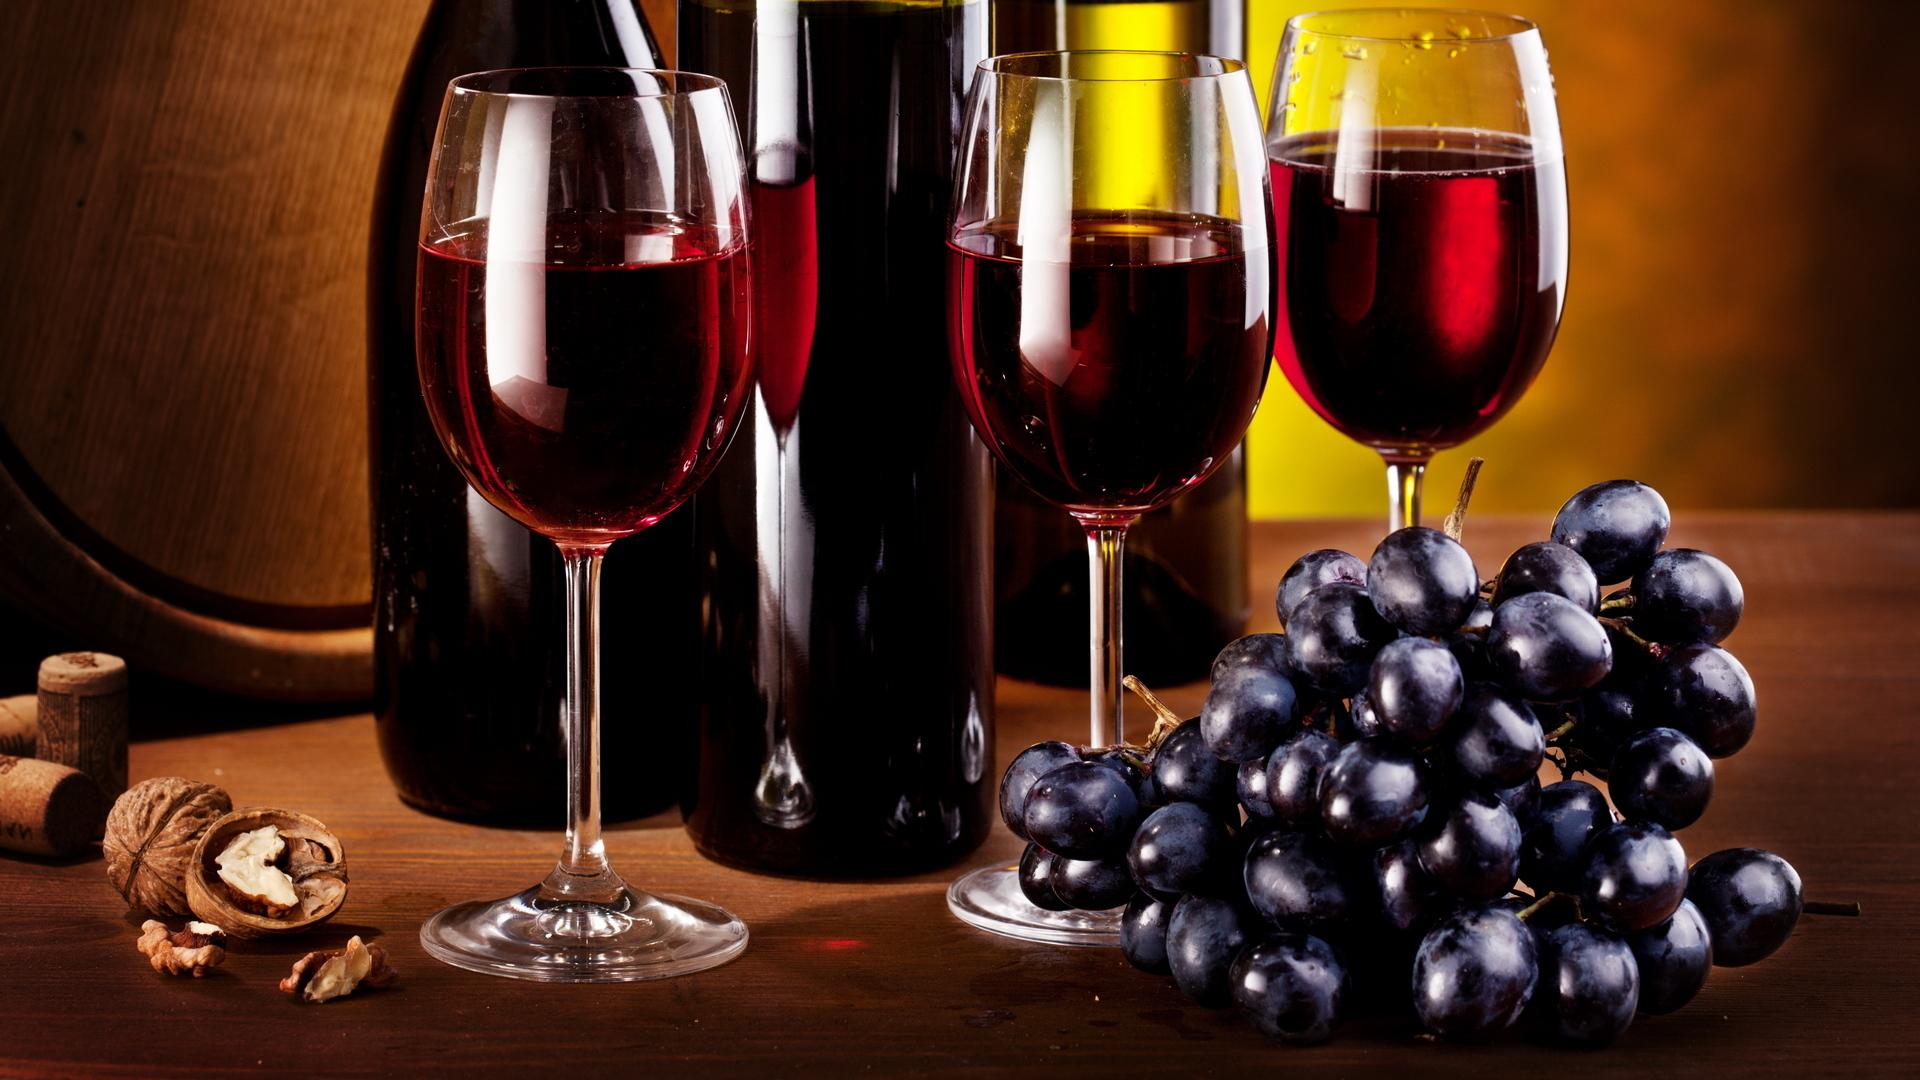 Бокал с красным вином картинки